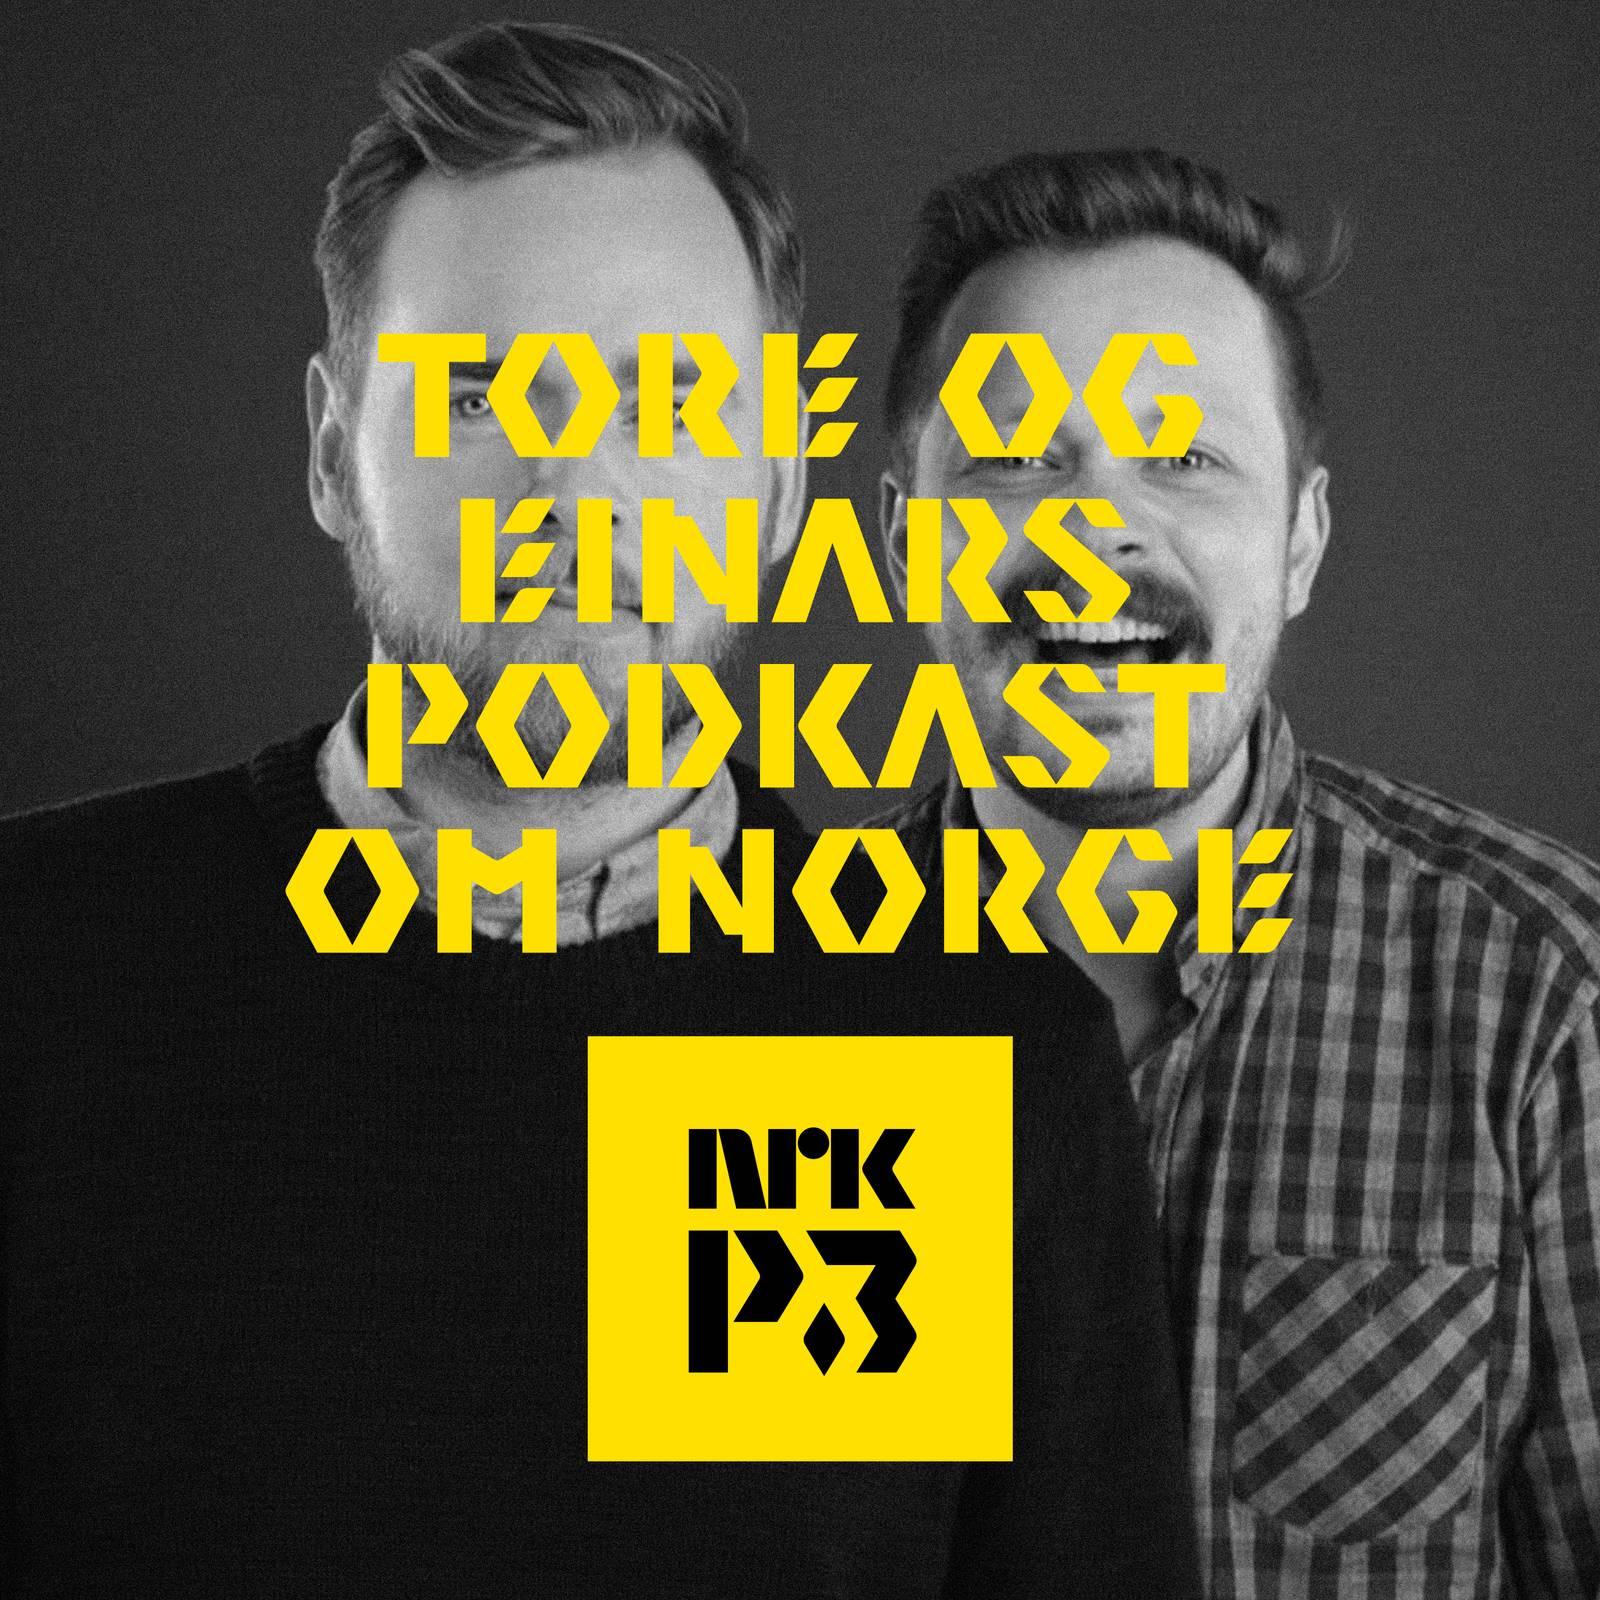 Tore og Einars podkast om Norge